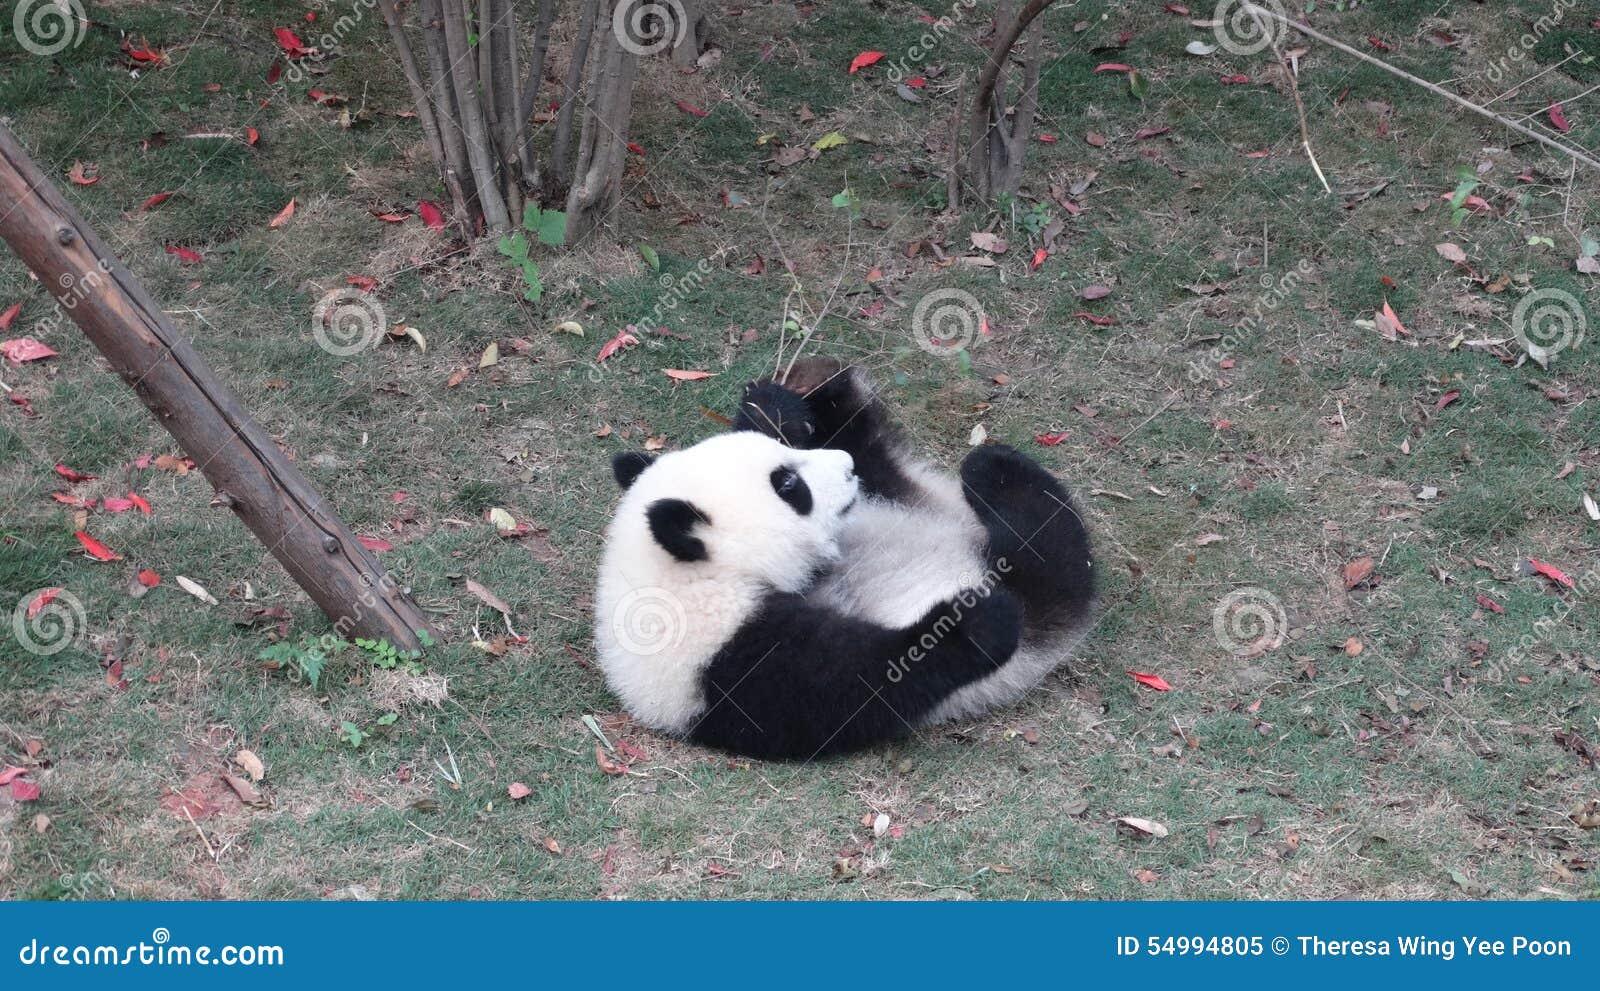 Baby panda in Sichuan Panda Reserve